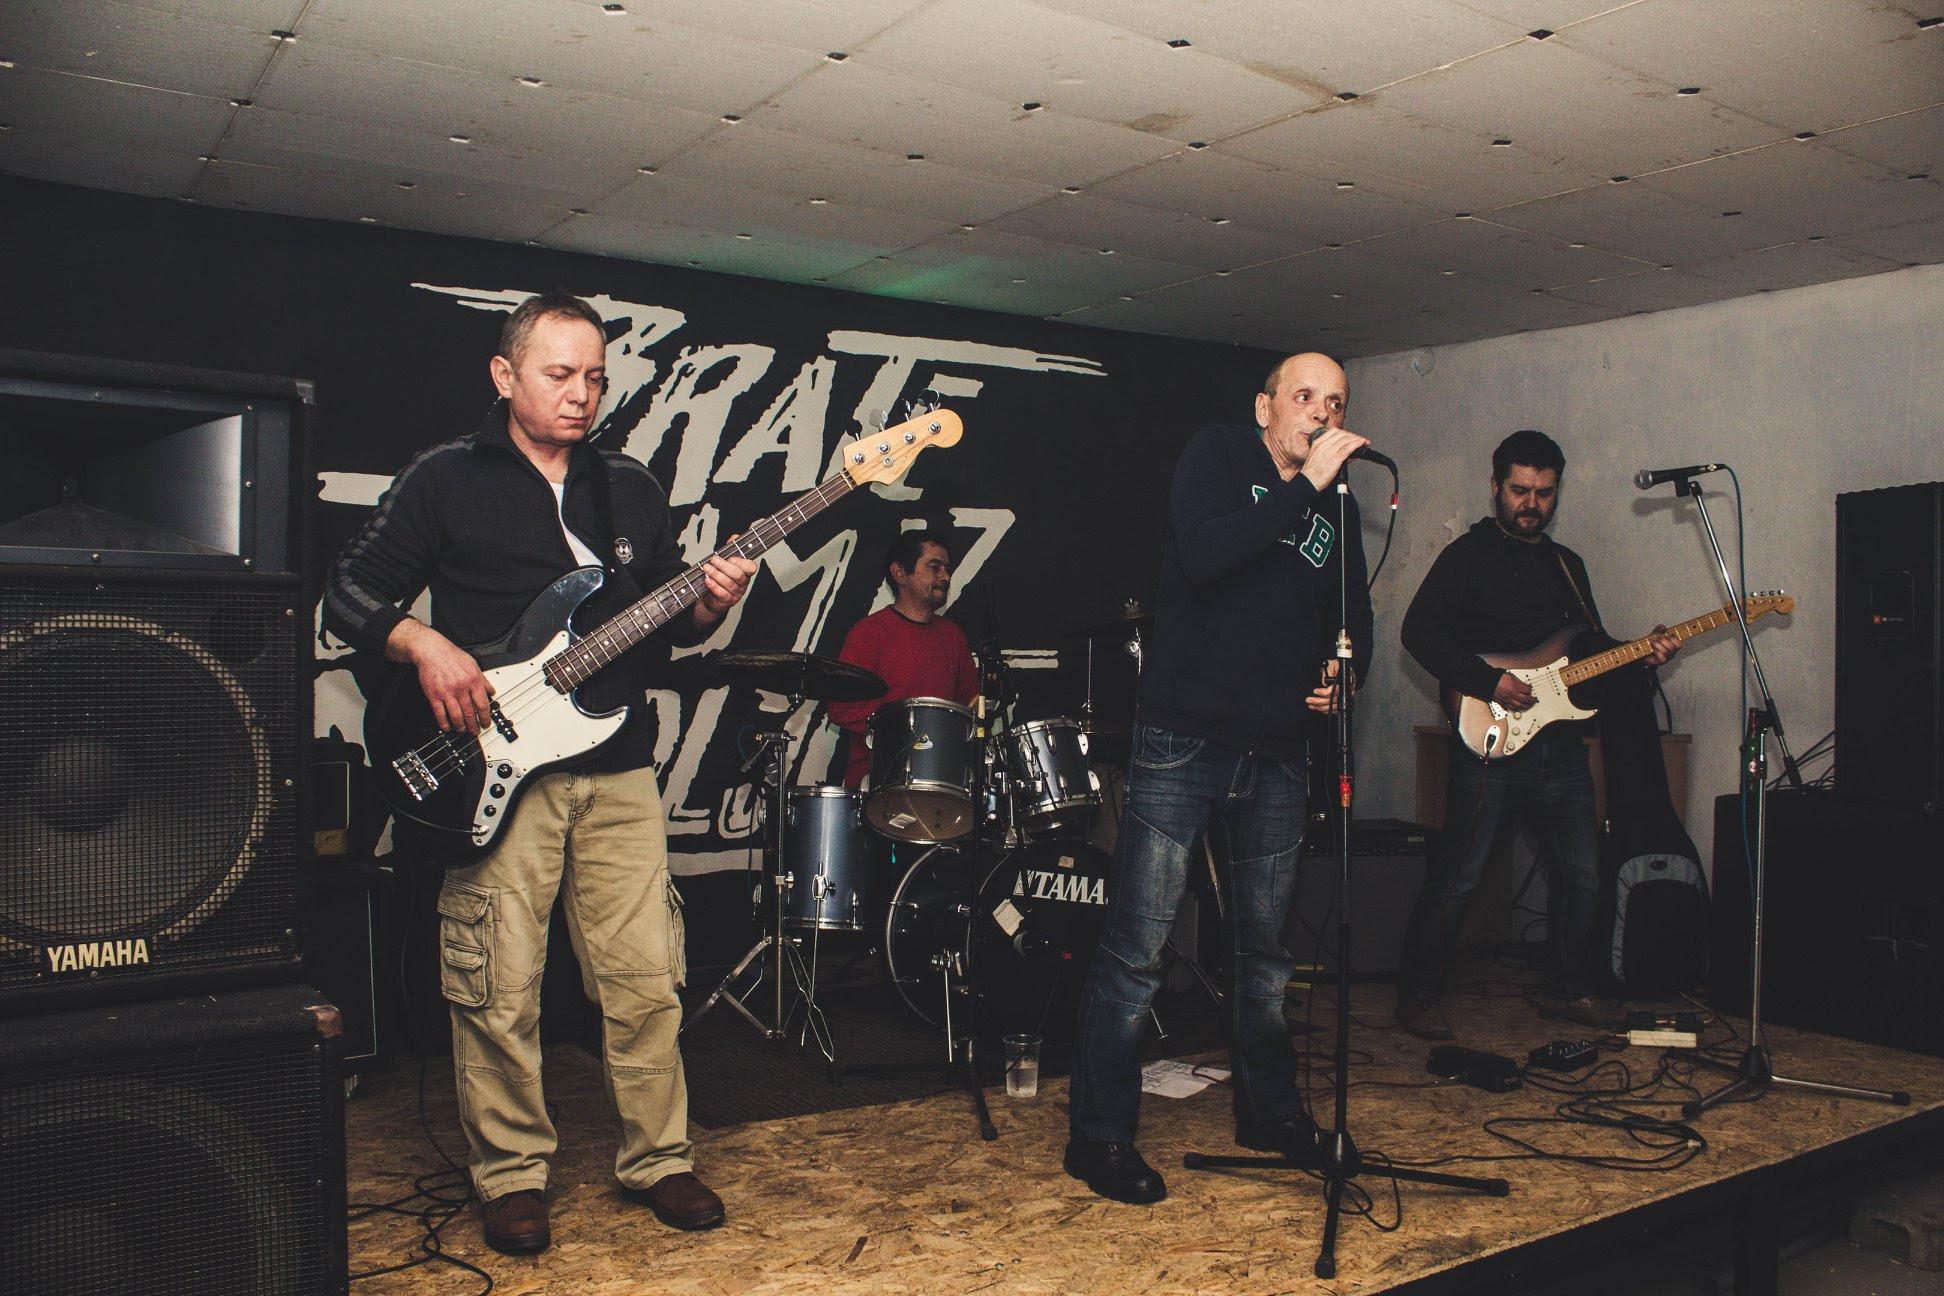 HODAJTE UZ TRIP KIRBY Novi spot rock benda iz Donjeg Miholjca